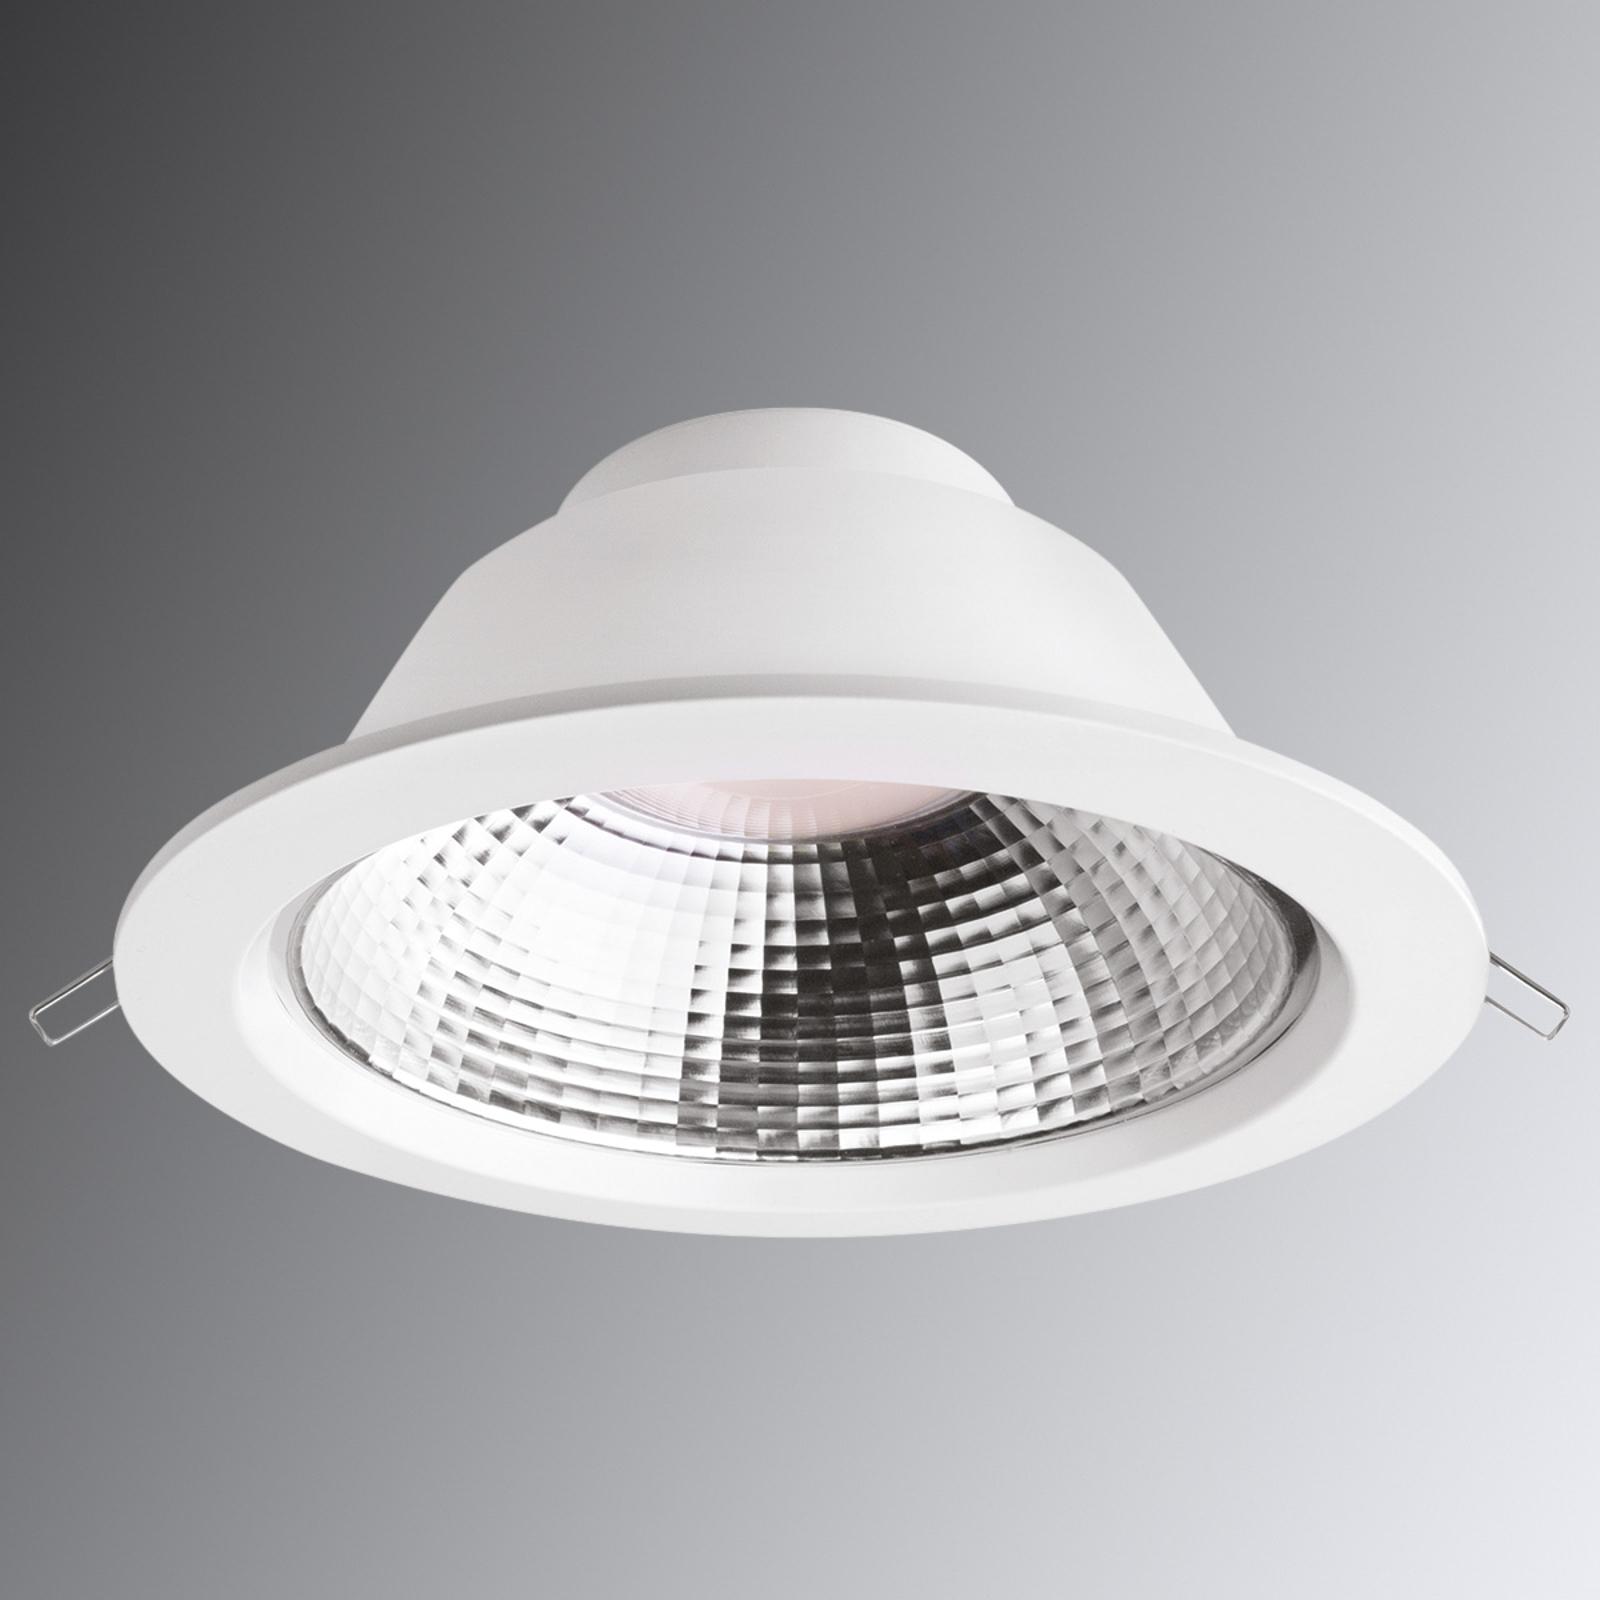 Acquista Faretto LED da incasso Siena alta resa cromatica